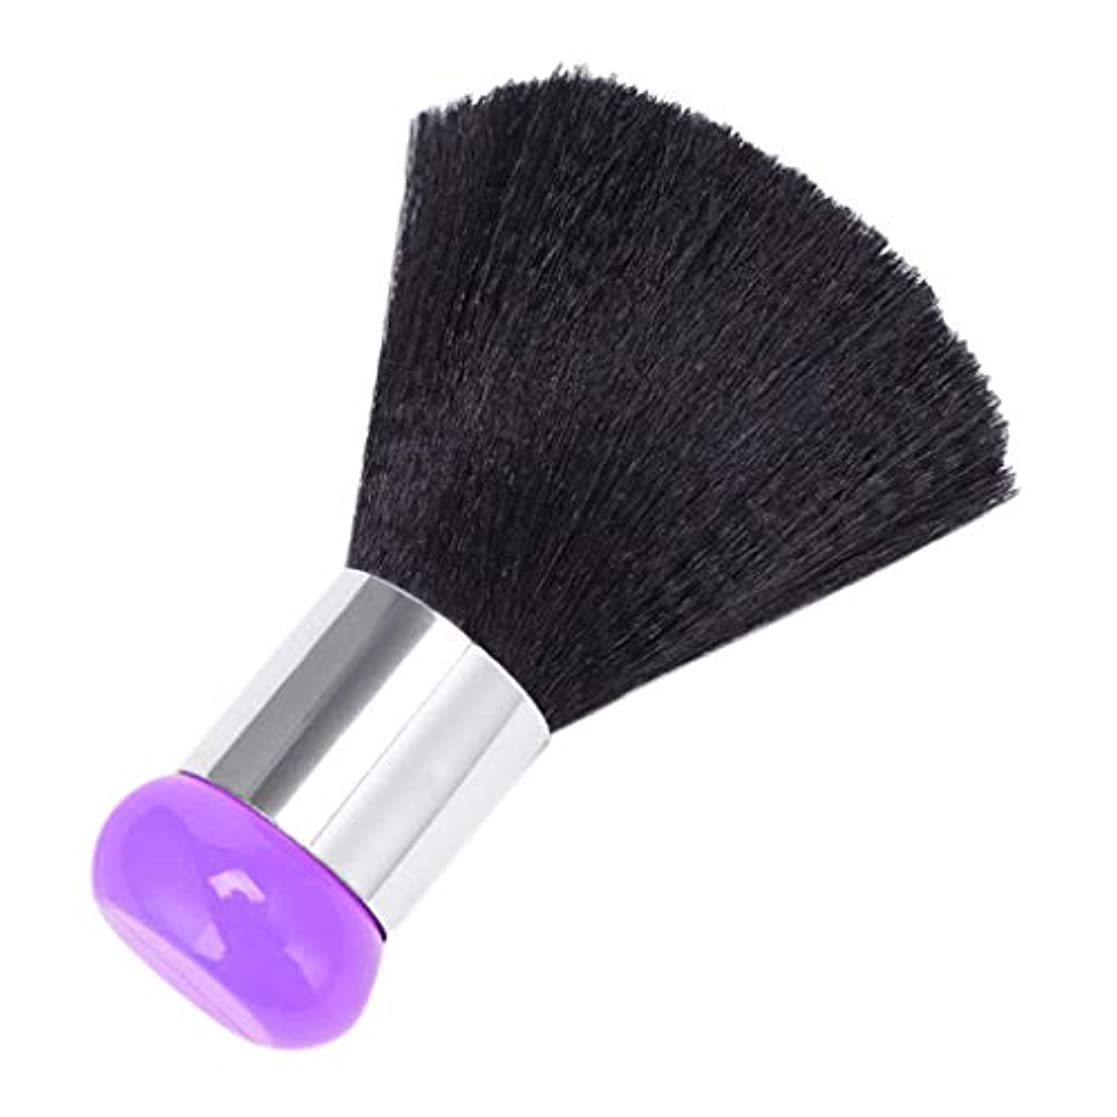 ヘルパー不合格プラスヘアカット ネックダスタークリーナー ヘアブラシ サロンツール 2色選べ - 紫